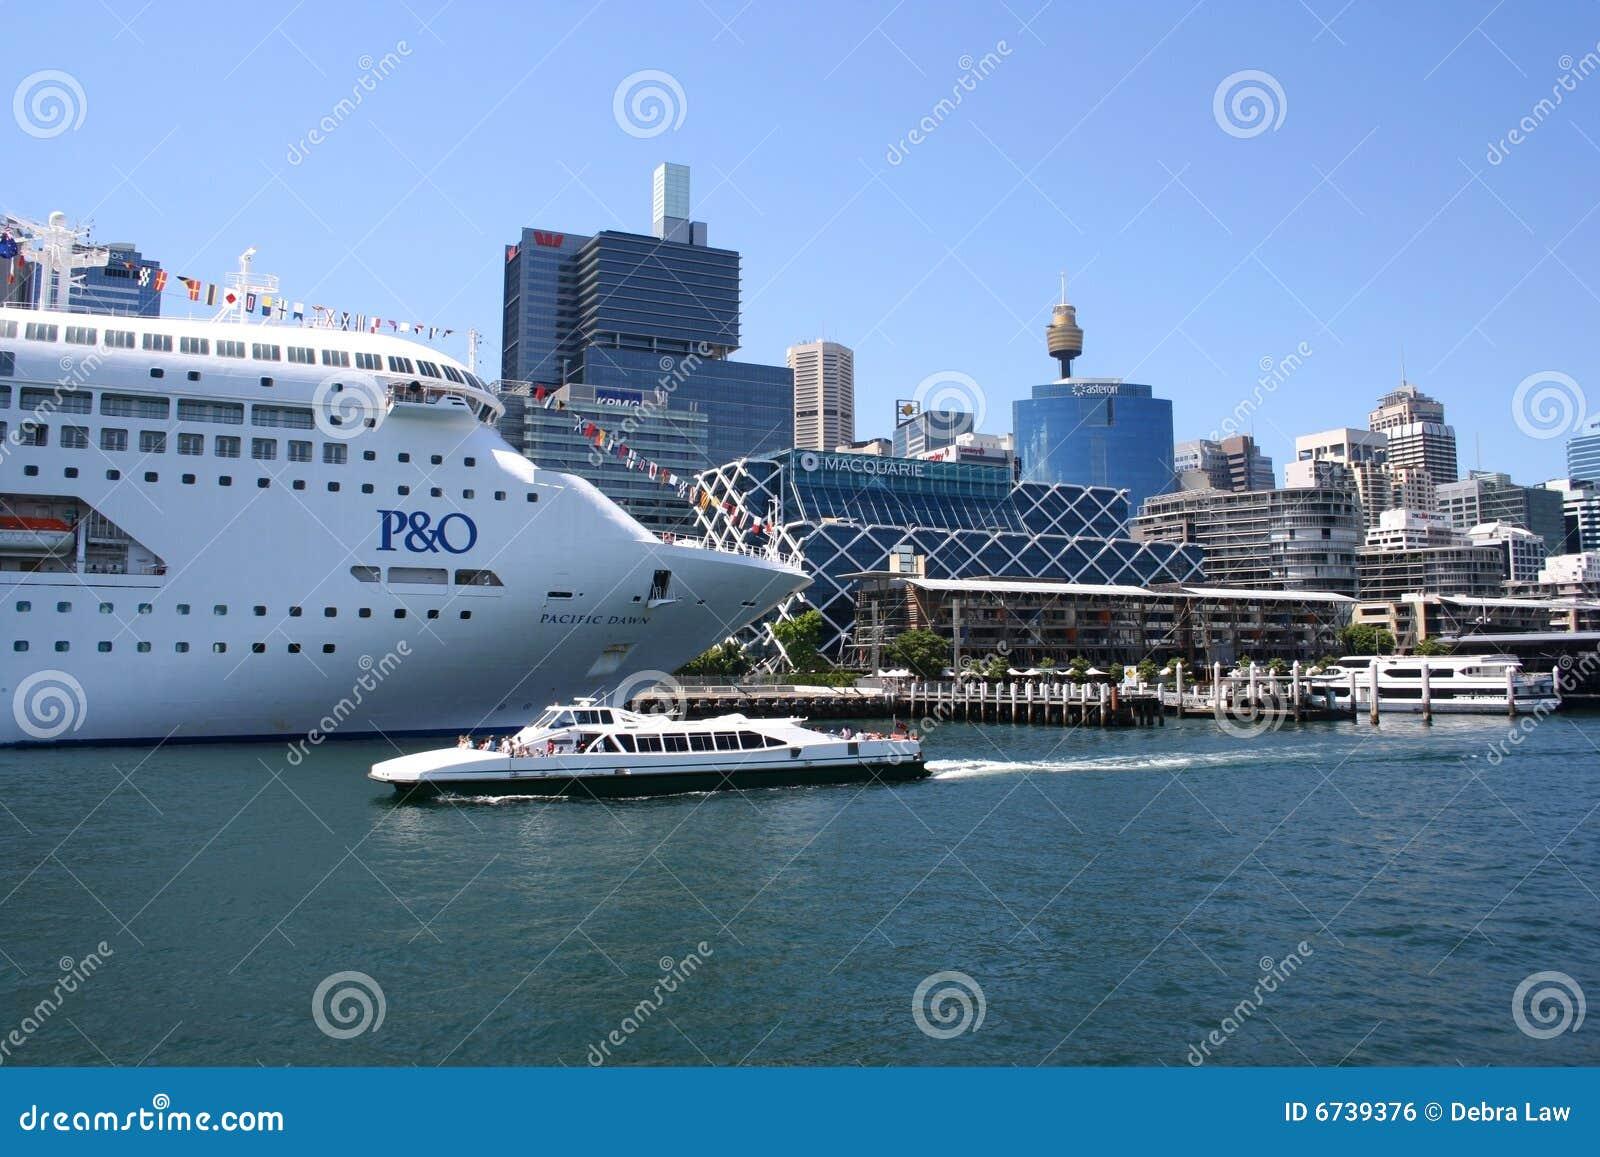 Cruise Ship Sydney Australia Editorial Photo  Image